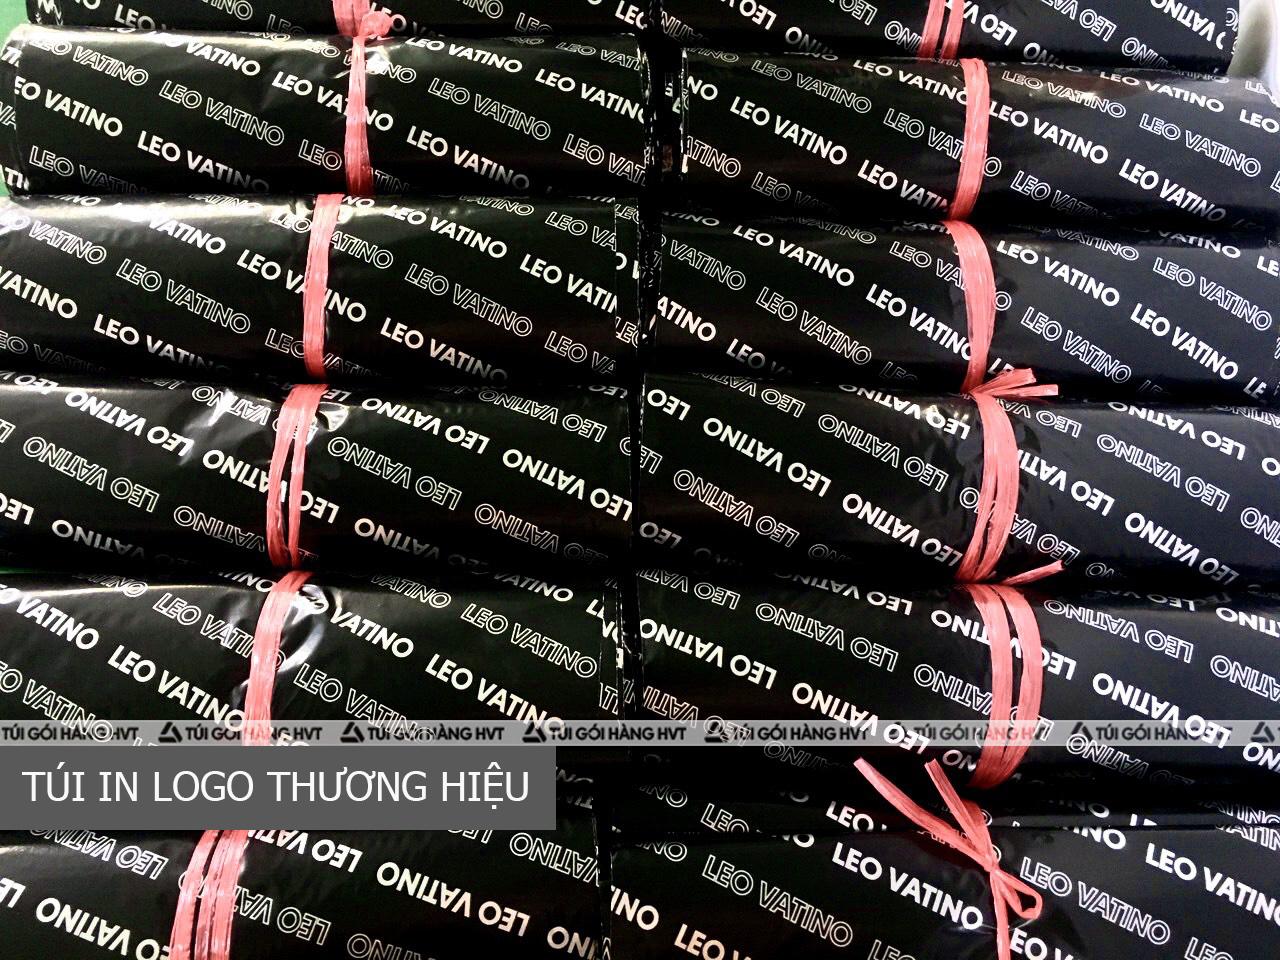 Túi đen in logo thương hiệu